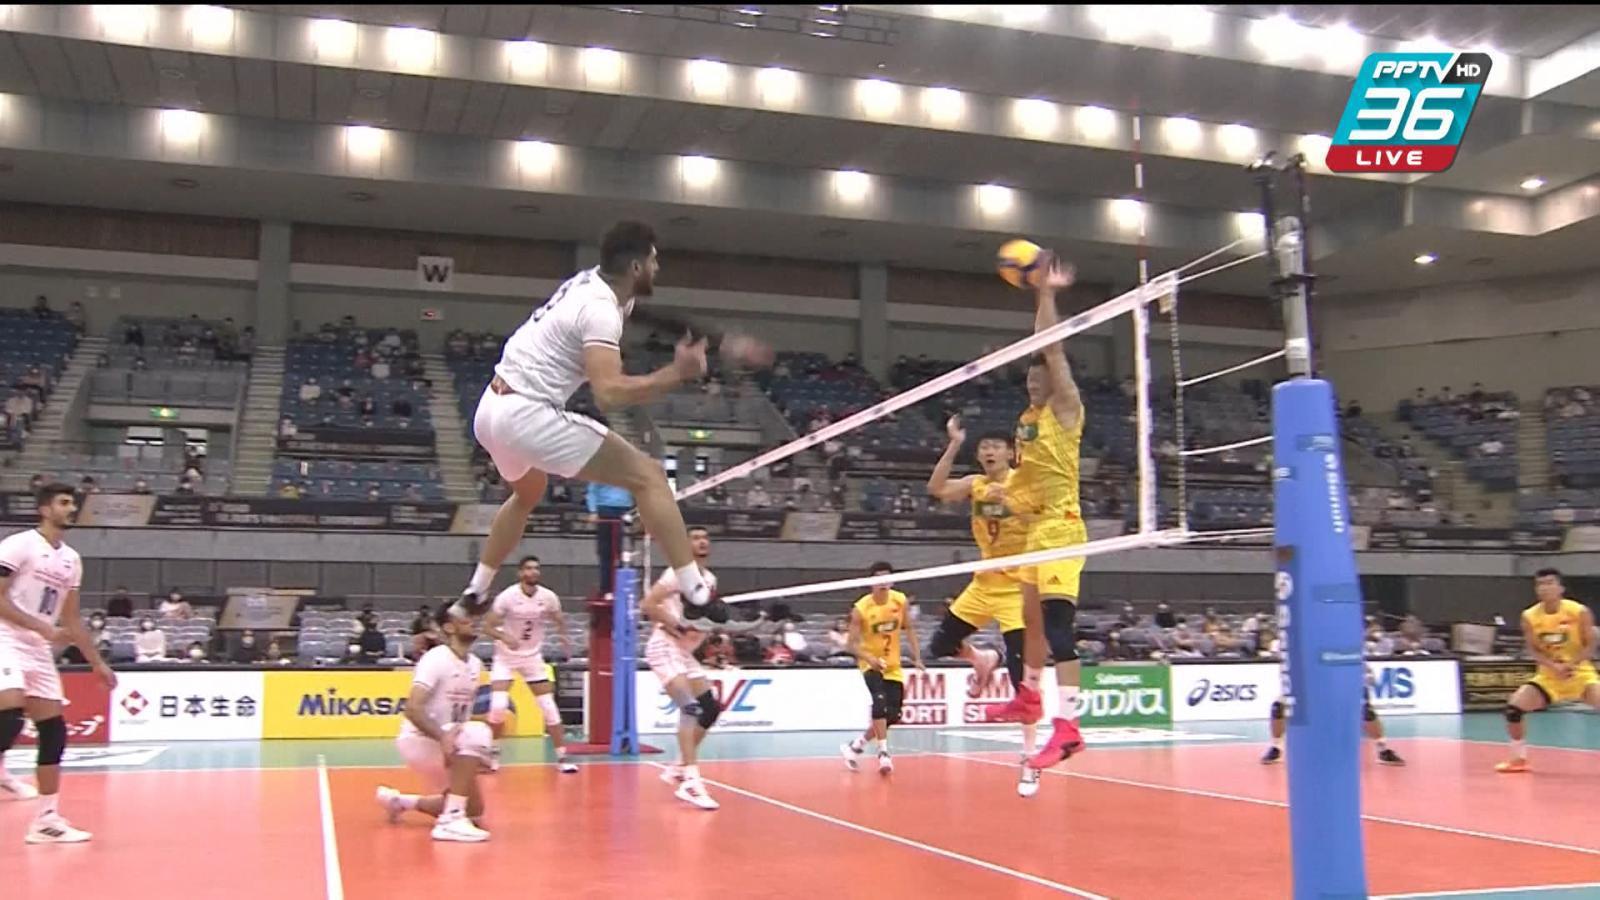 พีพีทีวี วอลเลย์บอลชาย เจวีเอ ชิงชนะเลิศแห่งเอเชีย